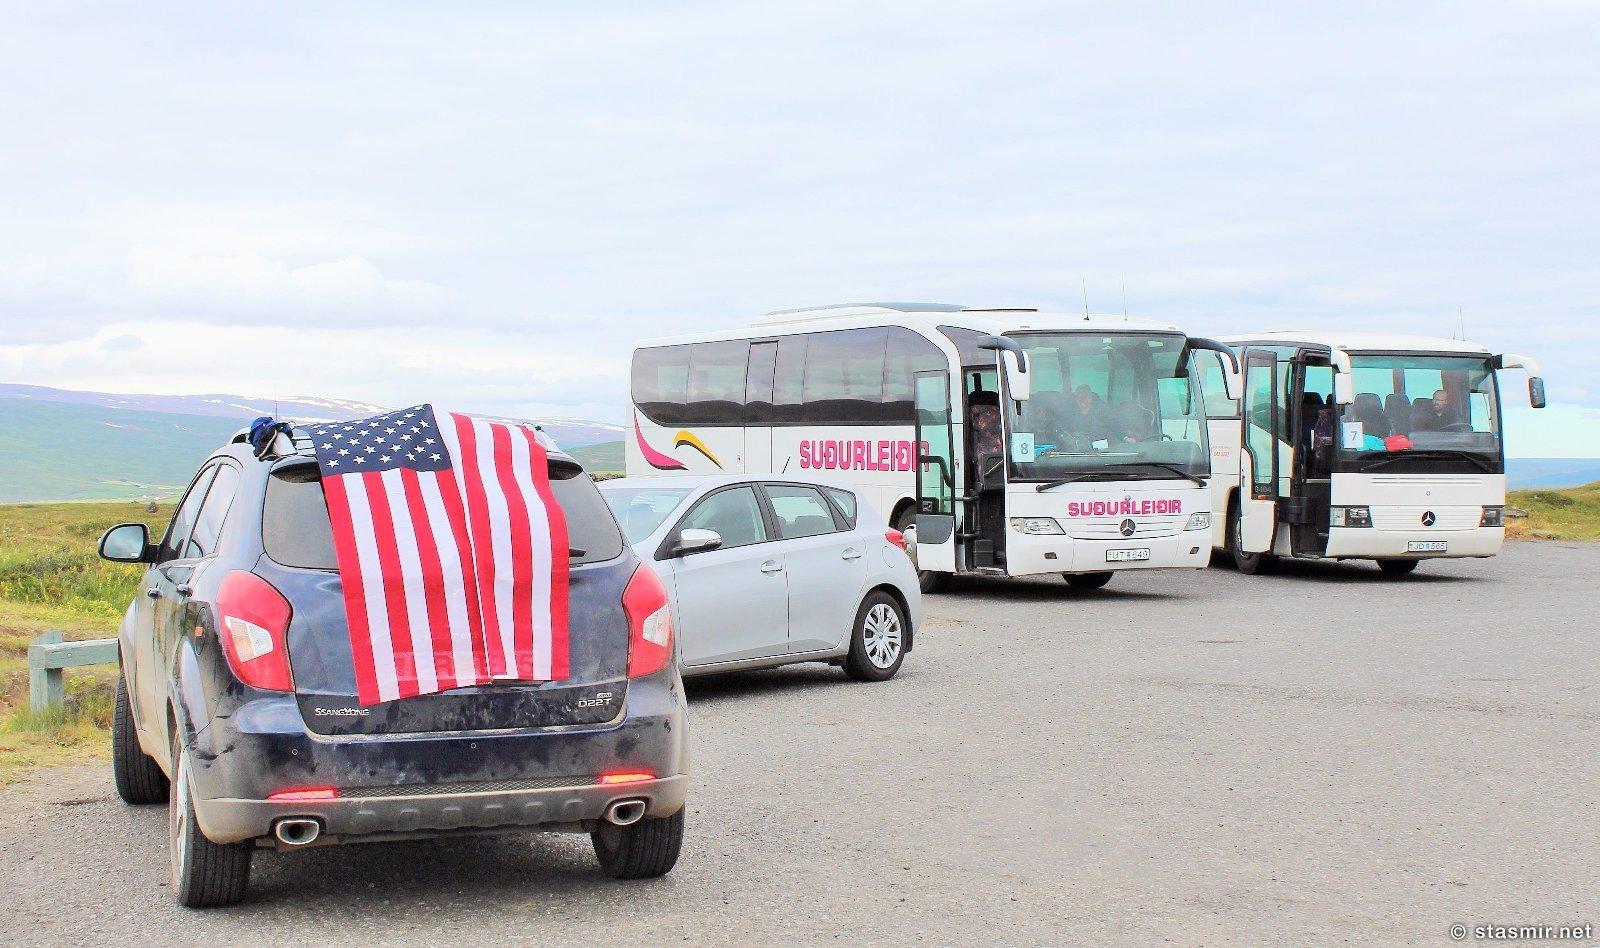 американский флаг на машине, Исландия, фото стасмир, photo Stasmir